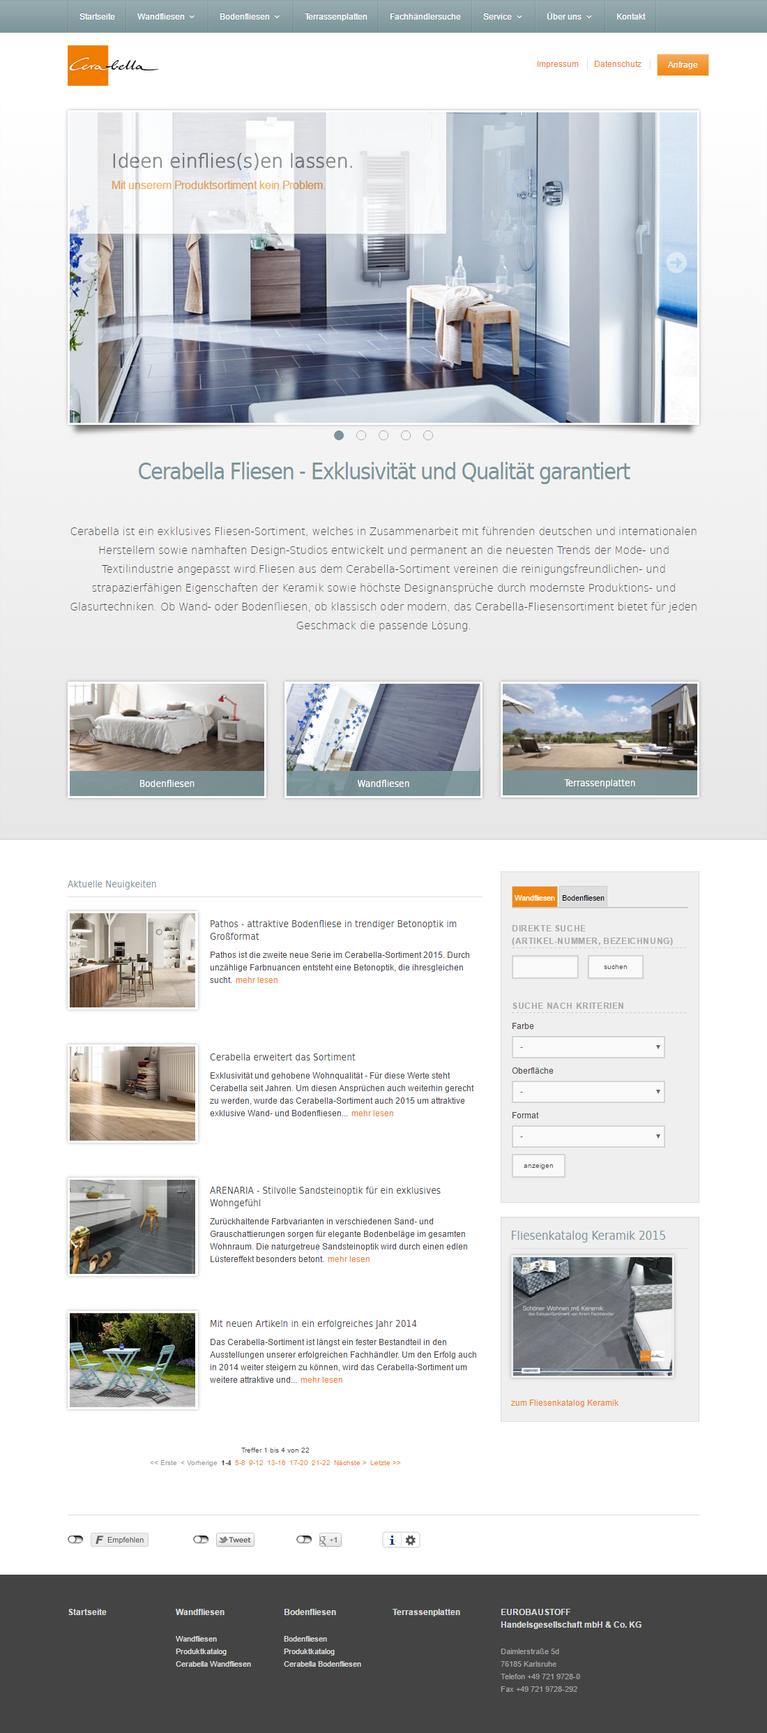 EUROBAUSTOFF Produktwebseite Cerabella WebsiteRelaunch - Cerabella fliesen